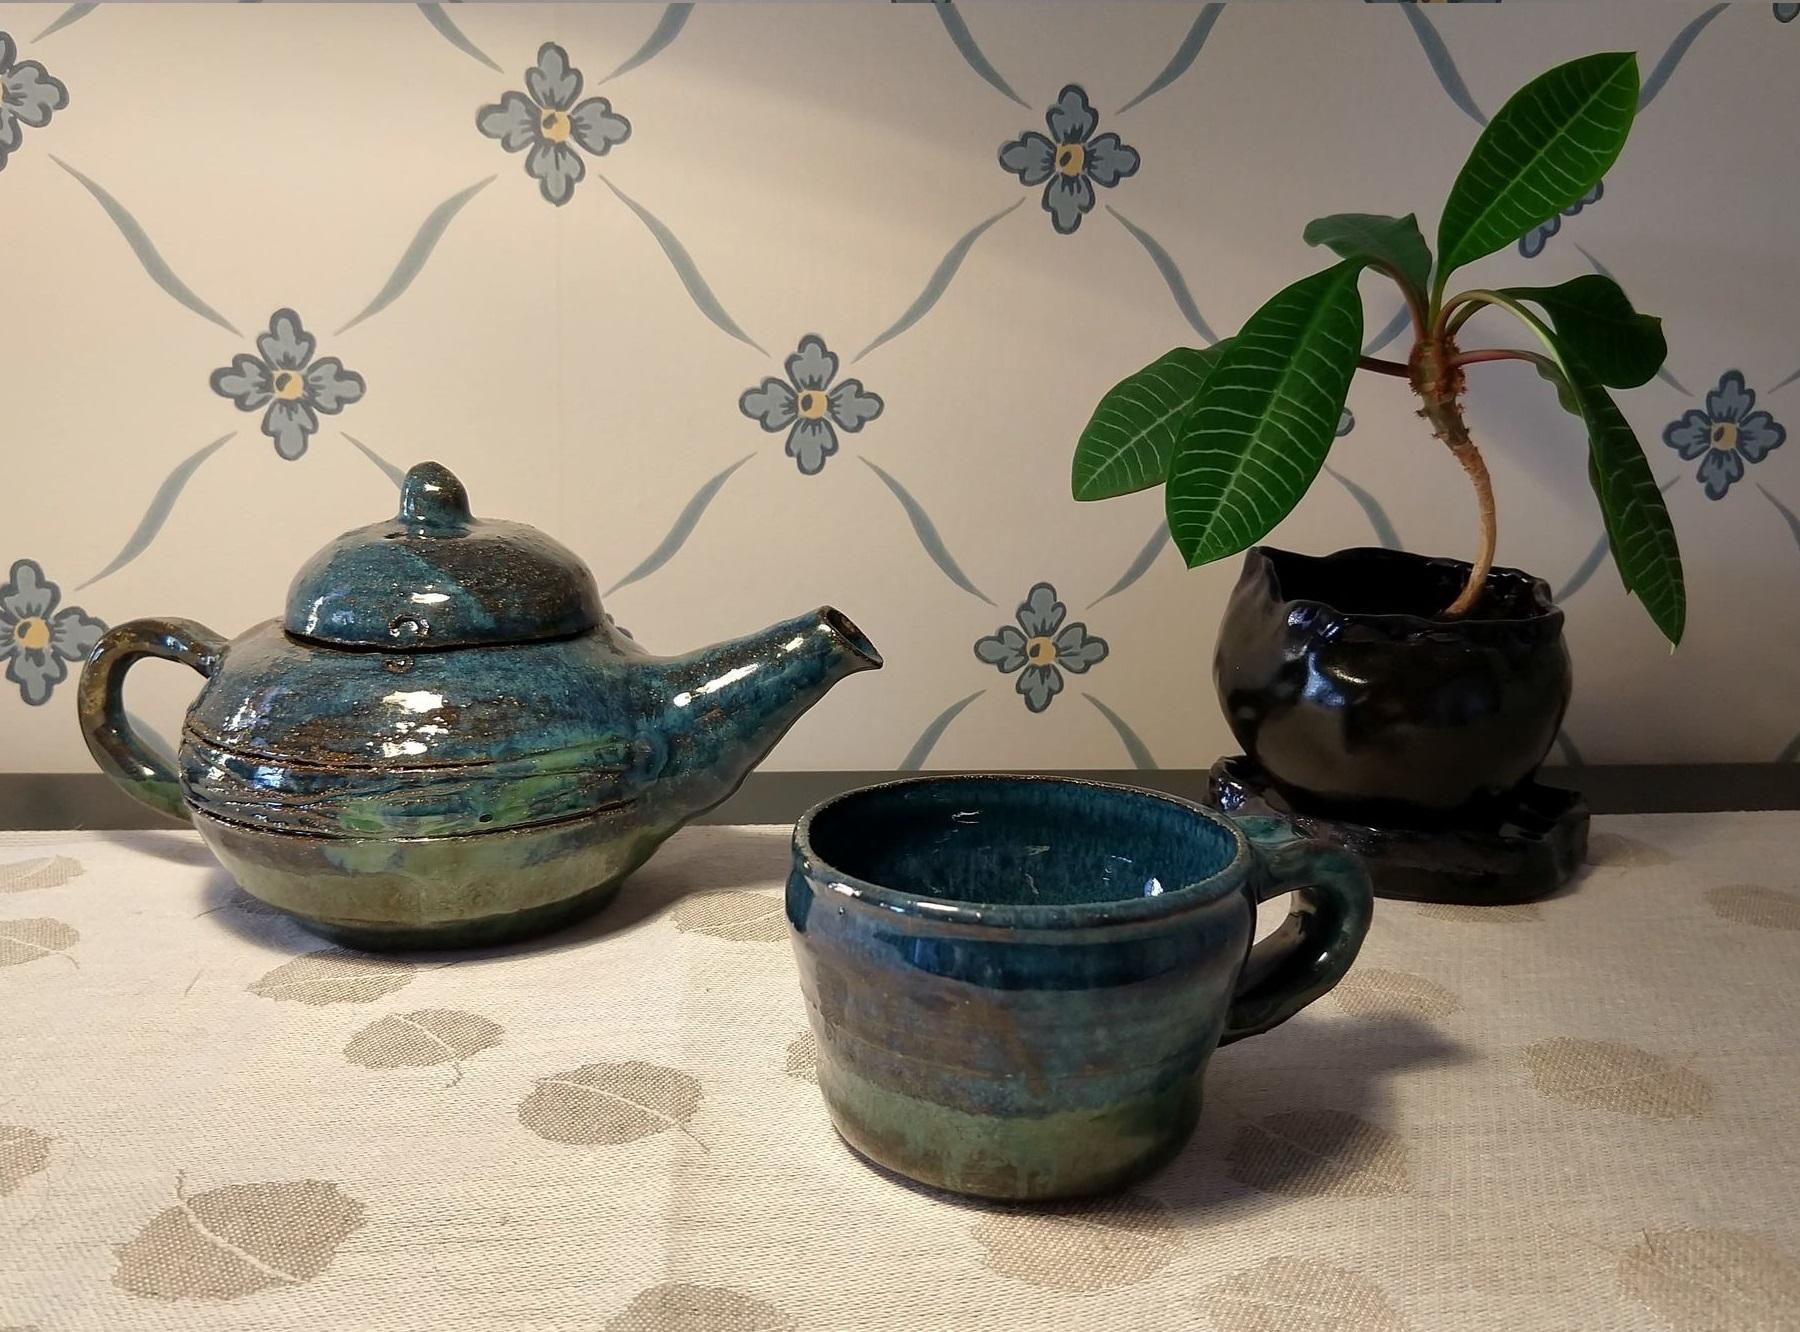 Tekanna, mugg och kruka:En drejad tekanna och mugg i blåa och gröna färger, intill dessa står en handgjord liten keramikkruka i svart.